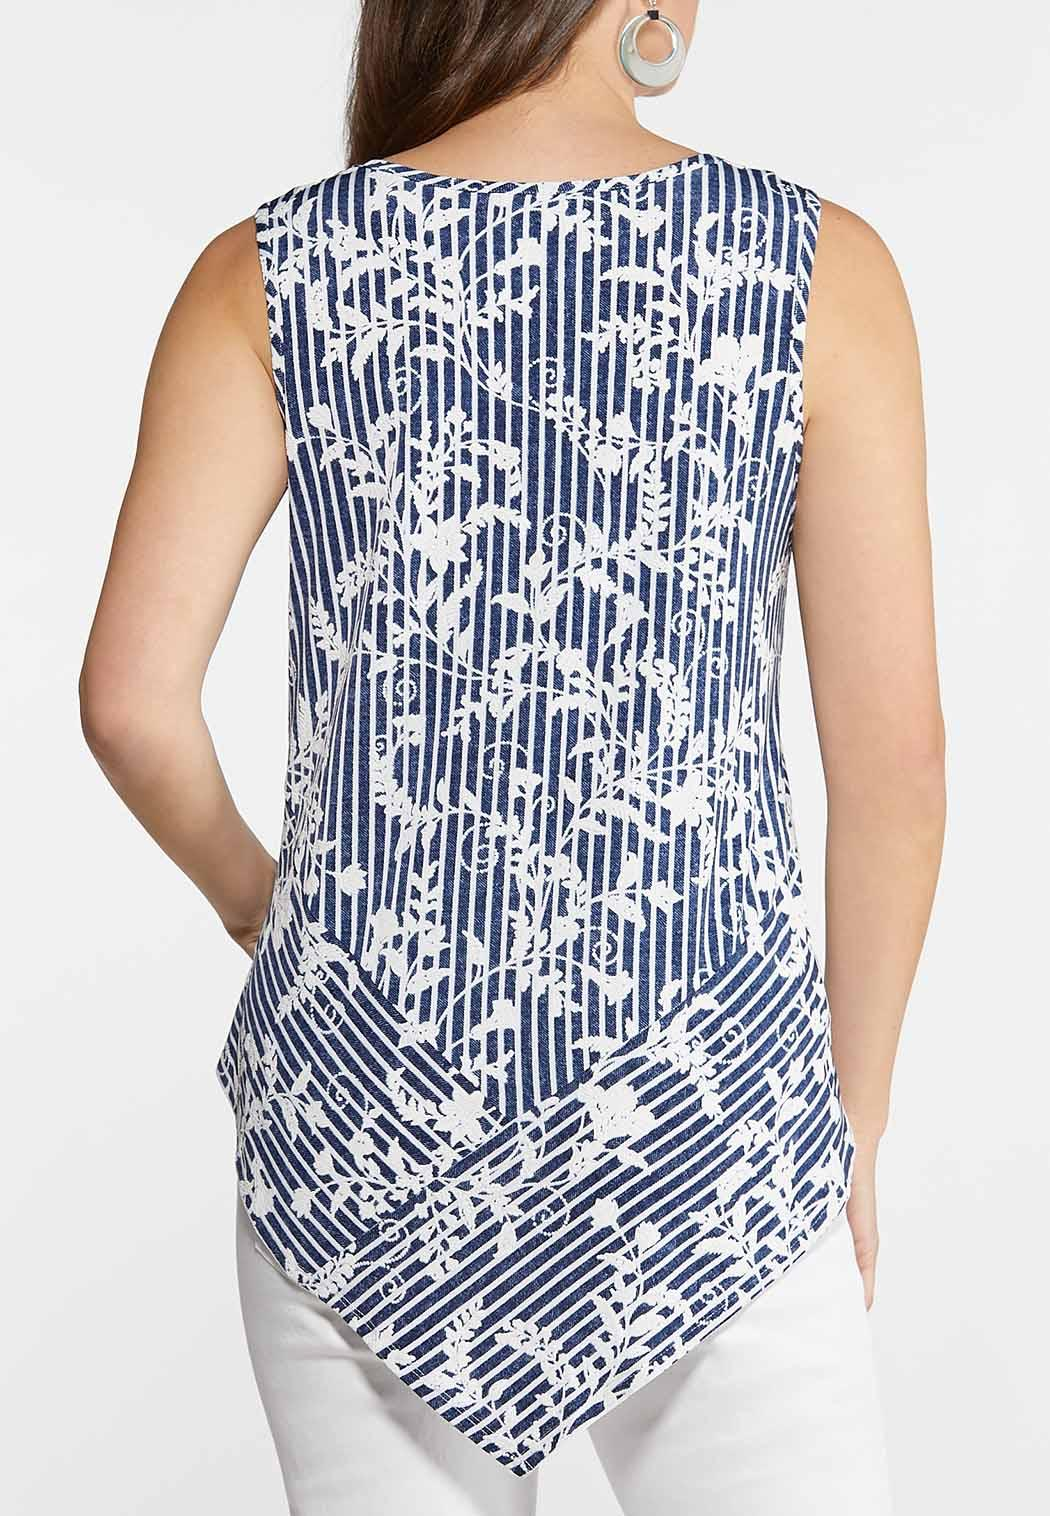 cbbc44ff4a0879 Indigo Stripe Floral Tank Tops Cato Fashions